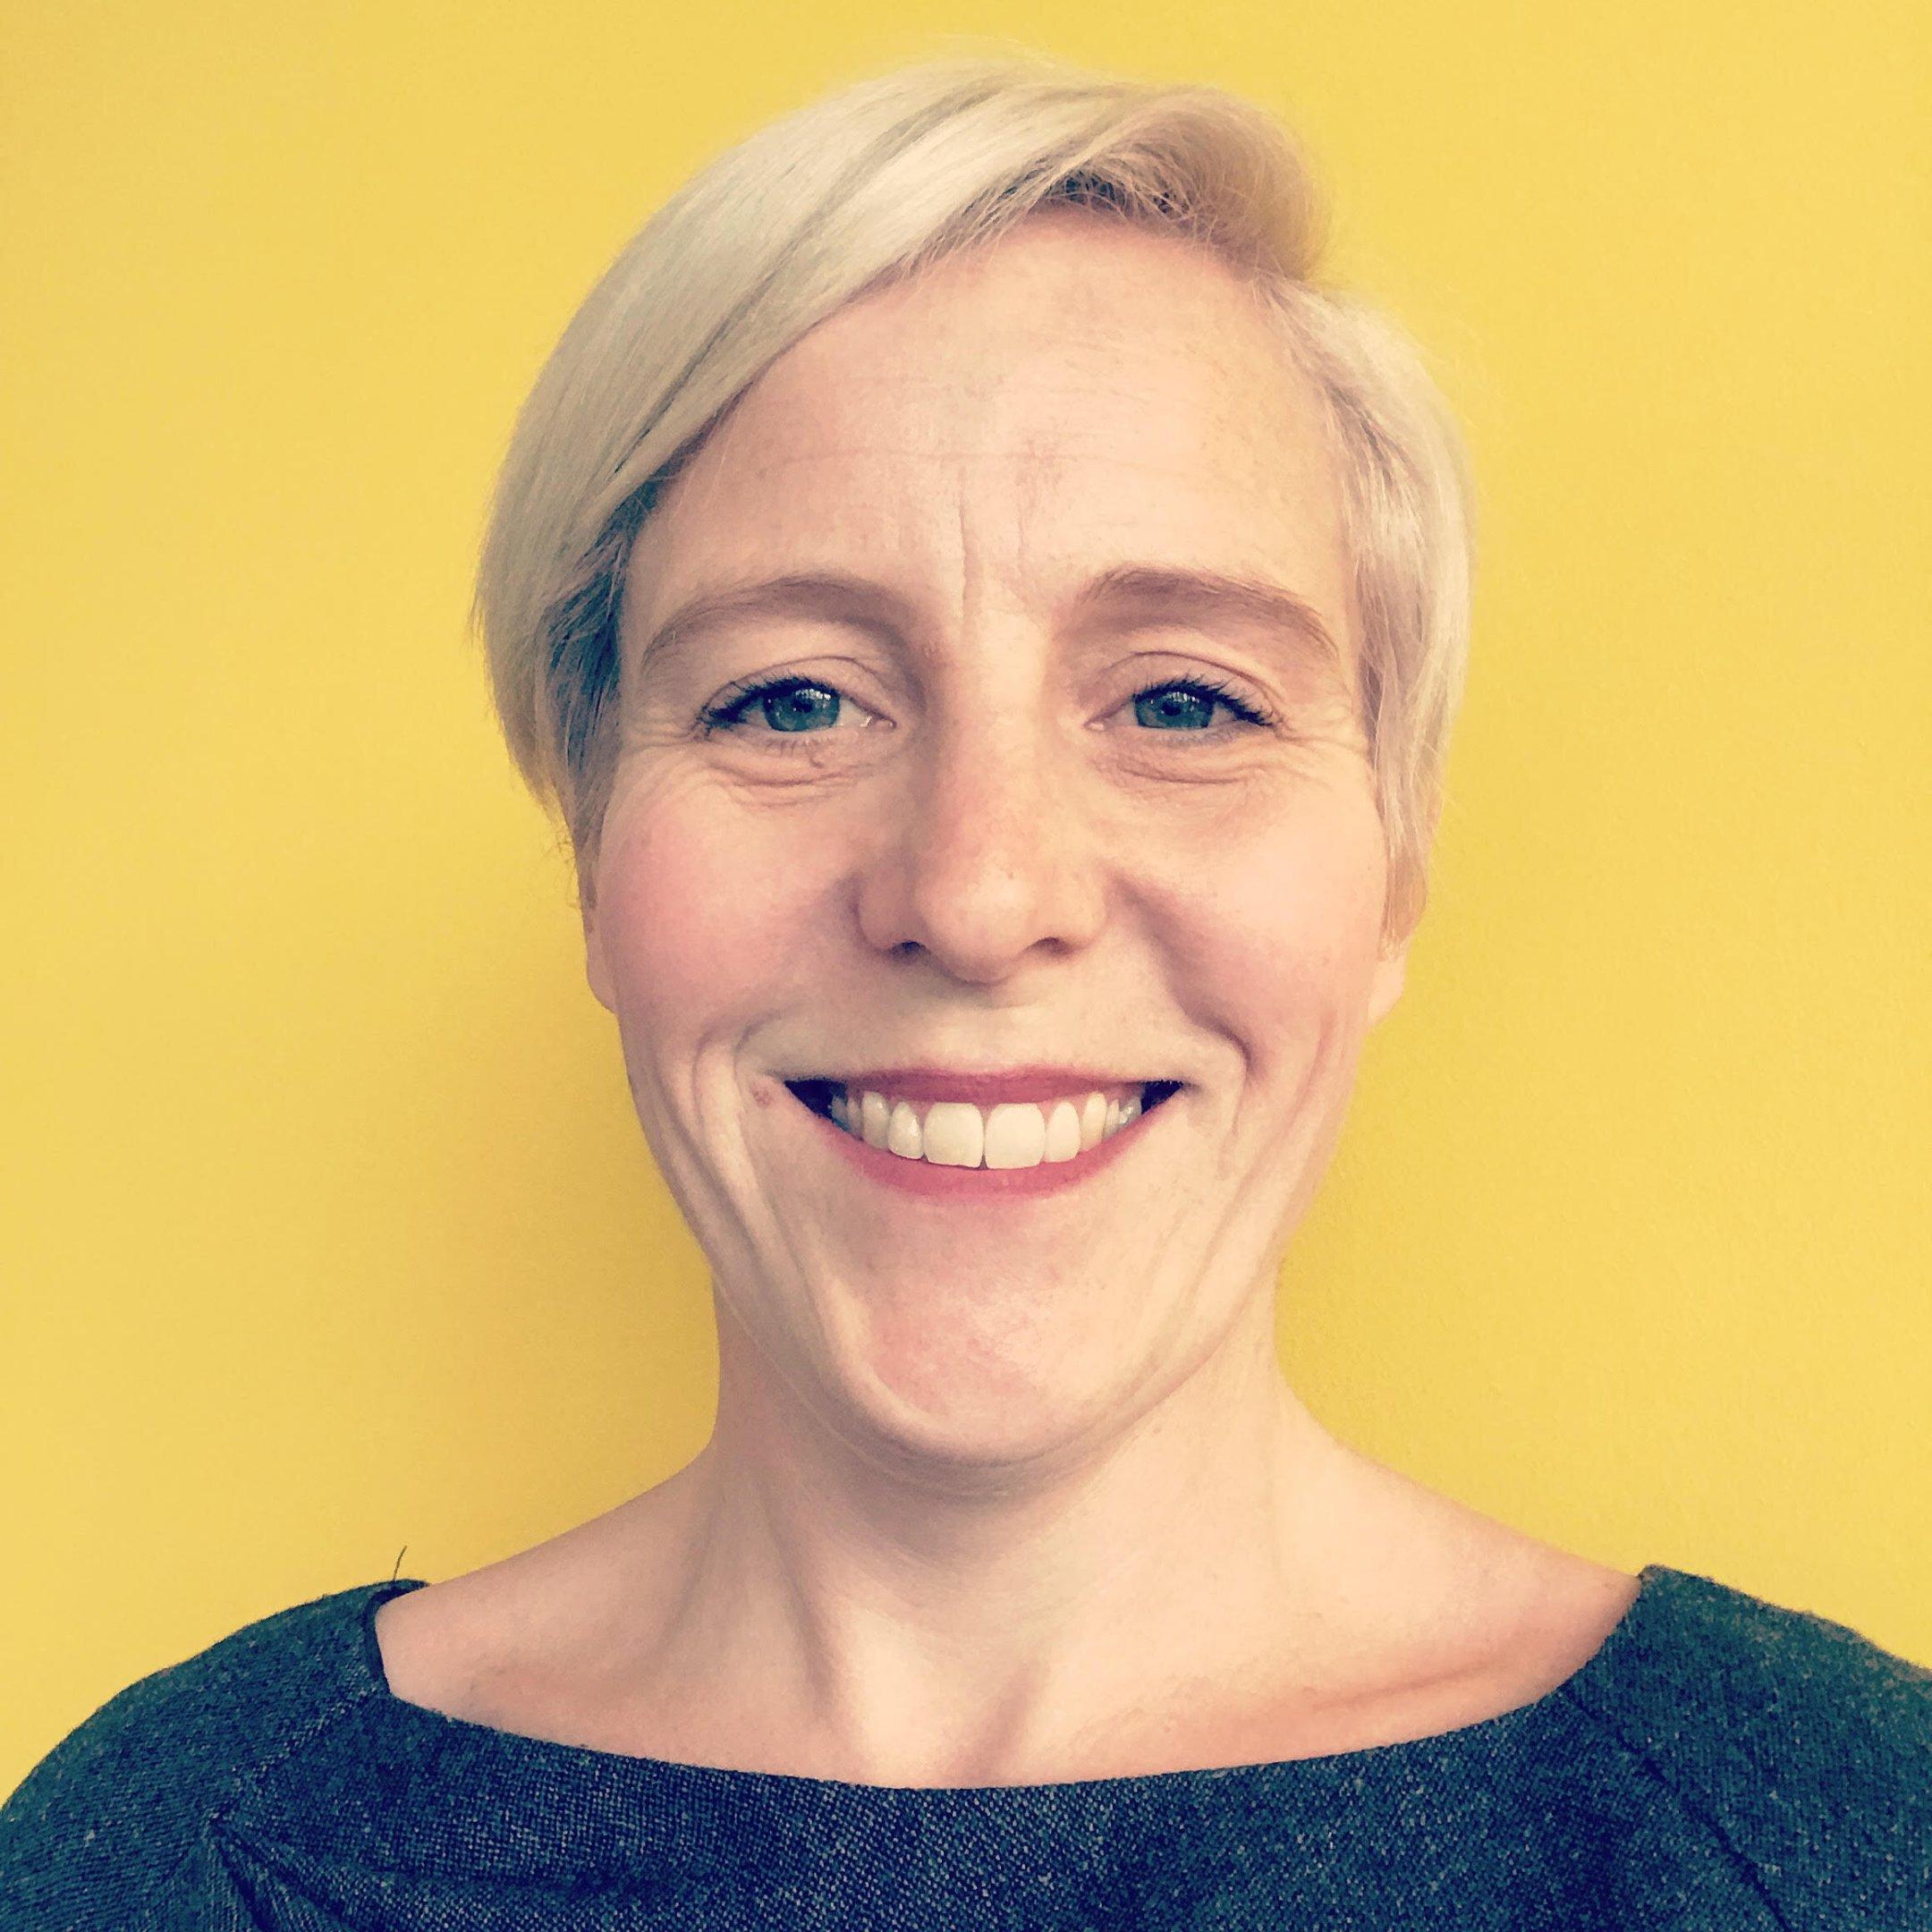 A photo of the author, Emma McCrea.